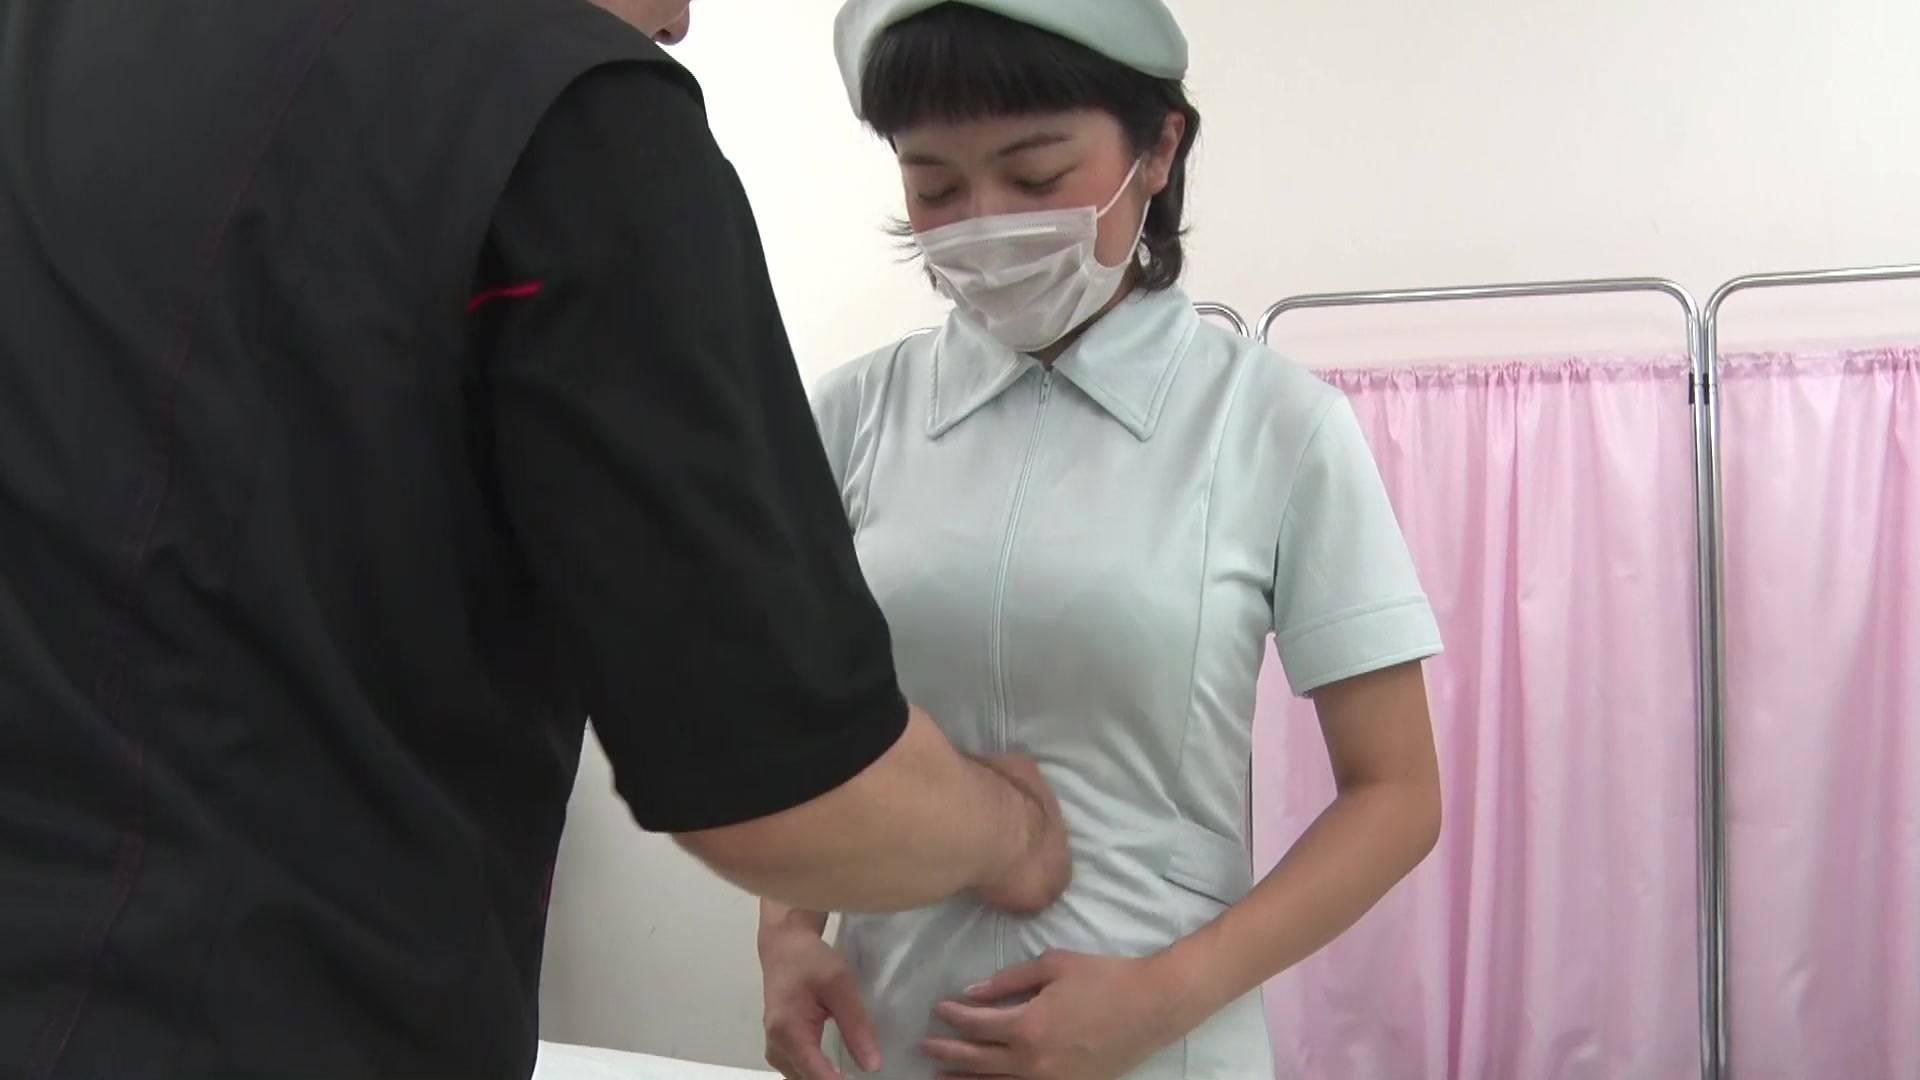 可愛い看護婦さんのお腹を殴ったら最後まで… 1/5 サンプル画像03